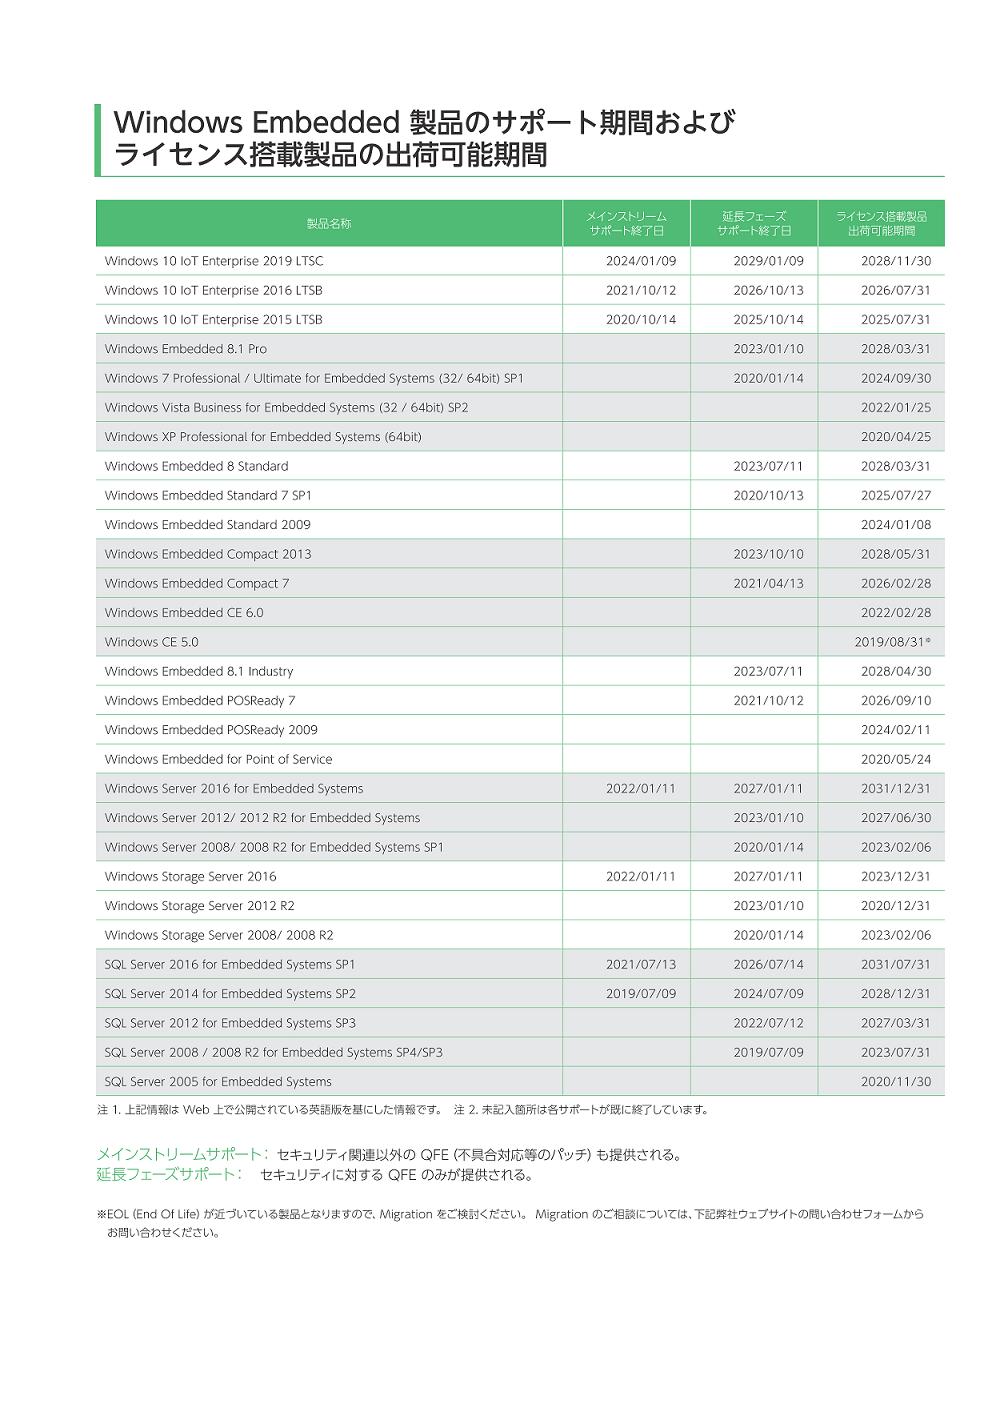 WindowsOS スケジュール(参考資料)